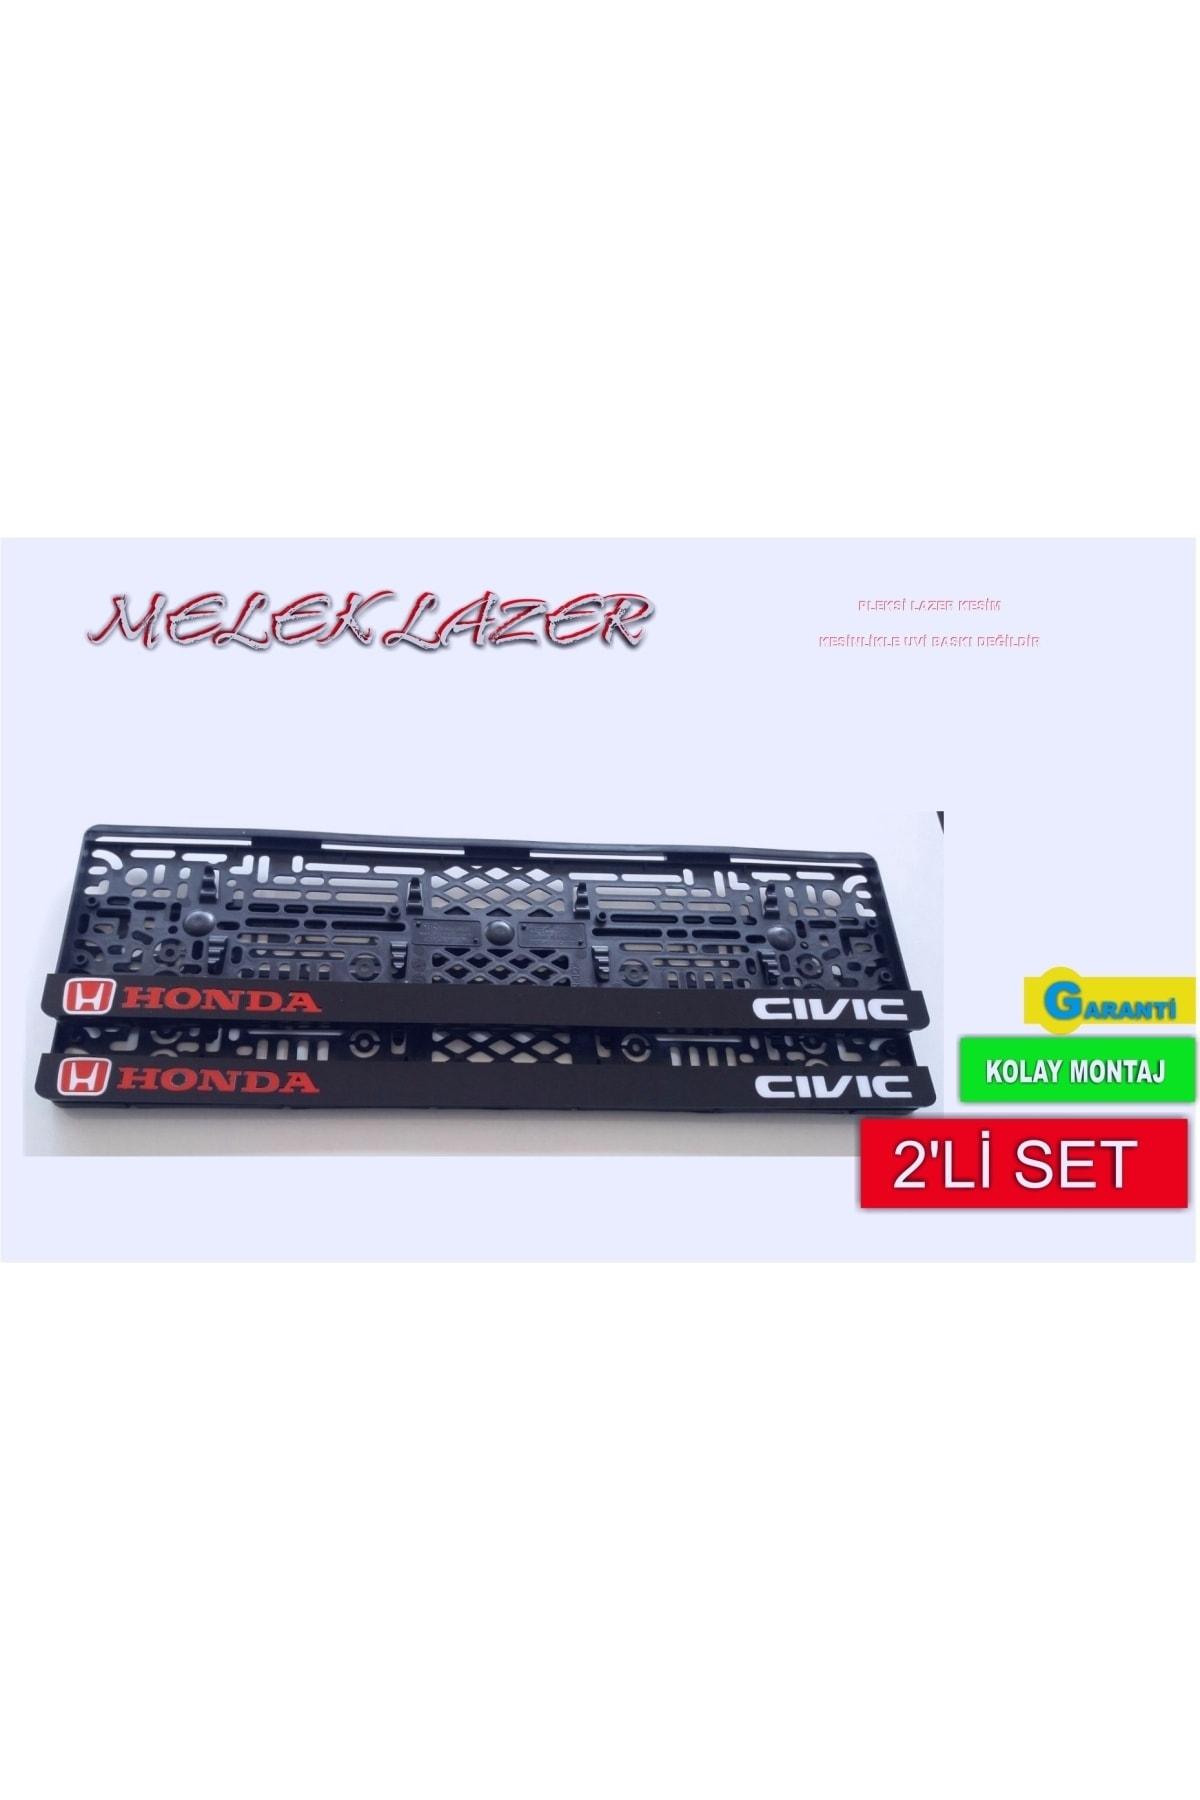 3M Honda Cıvıc Yazılı Takmatik Lazer Kesim Pleksi Plakalık 1